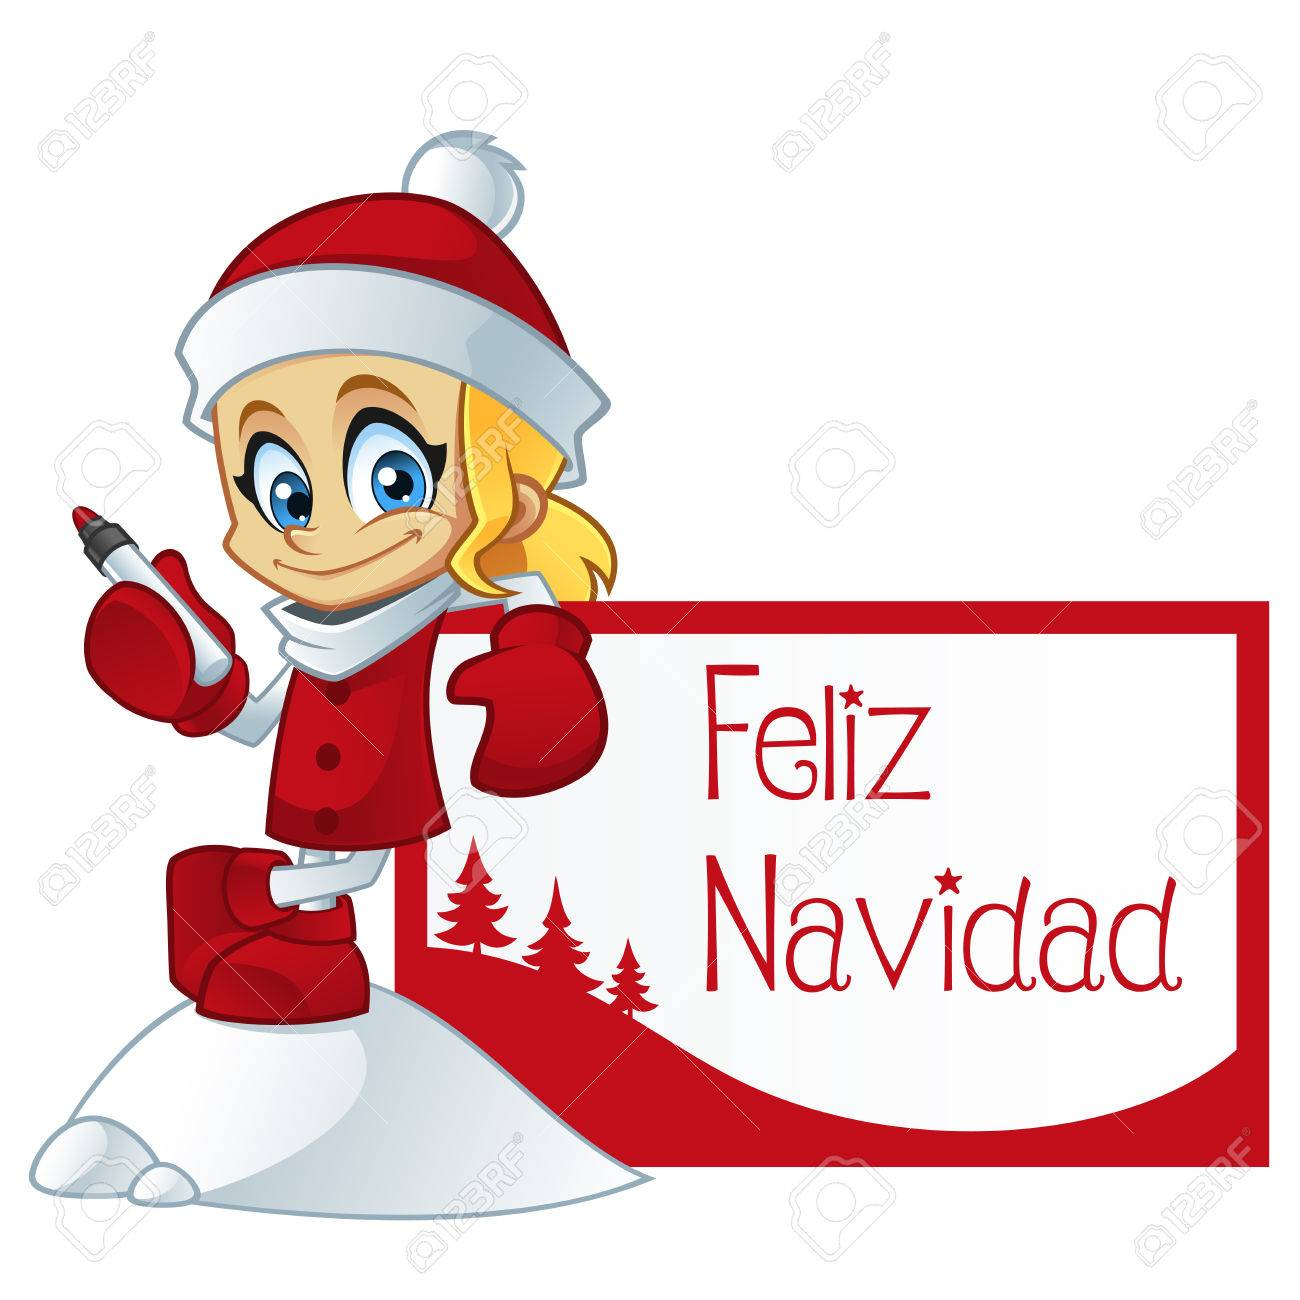 Buon Natale In Spagnolo.Vettoriale Ragazza Vestita Di Babbo Natale E Un Biglietto Di Auguri Con Il Testo Di Buon Natale In Spagnolo Image 48680834